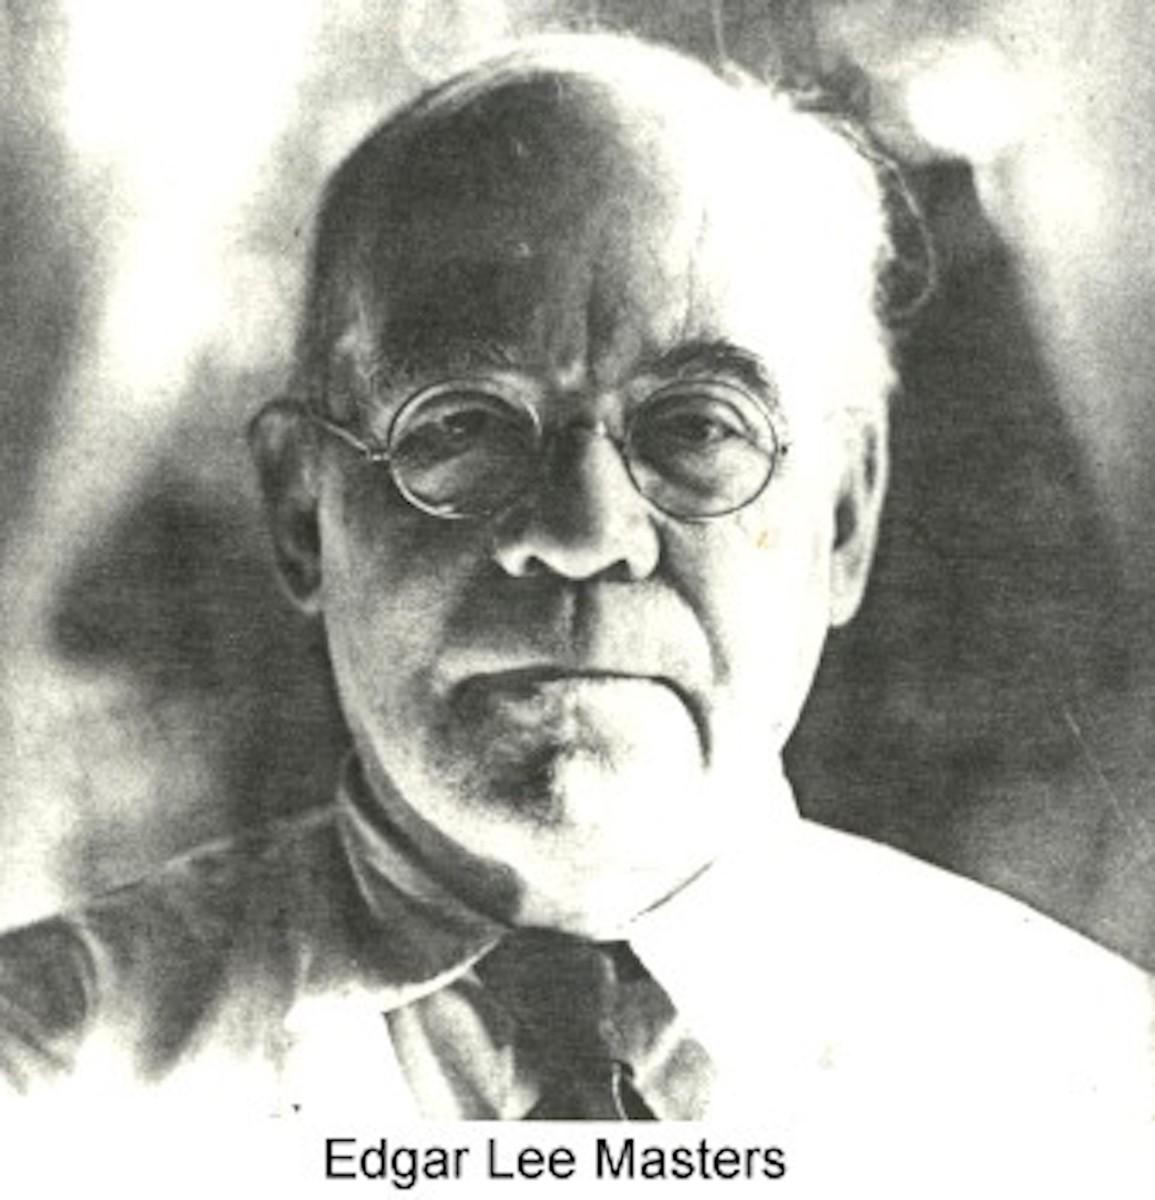 edgar-lee-masters-paul-mcneely